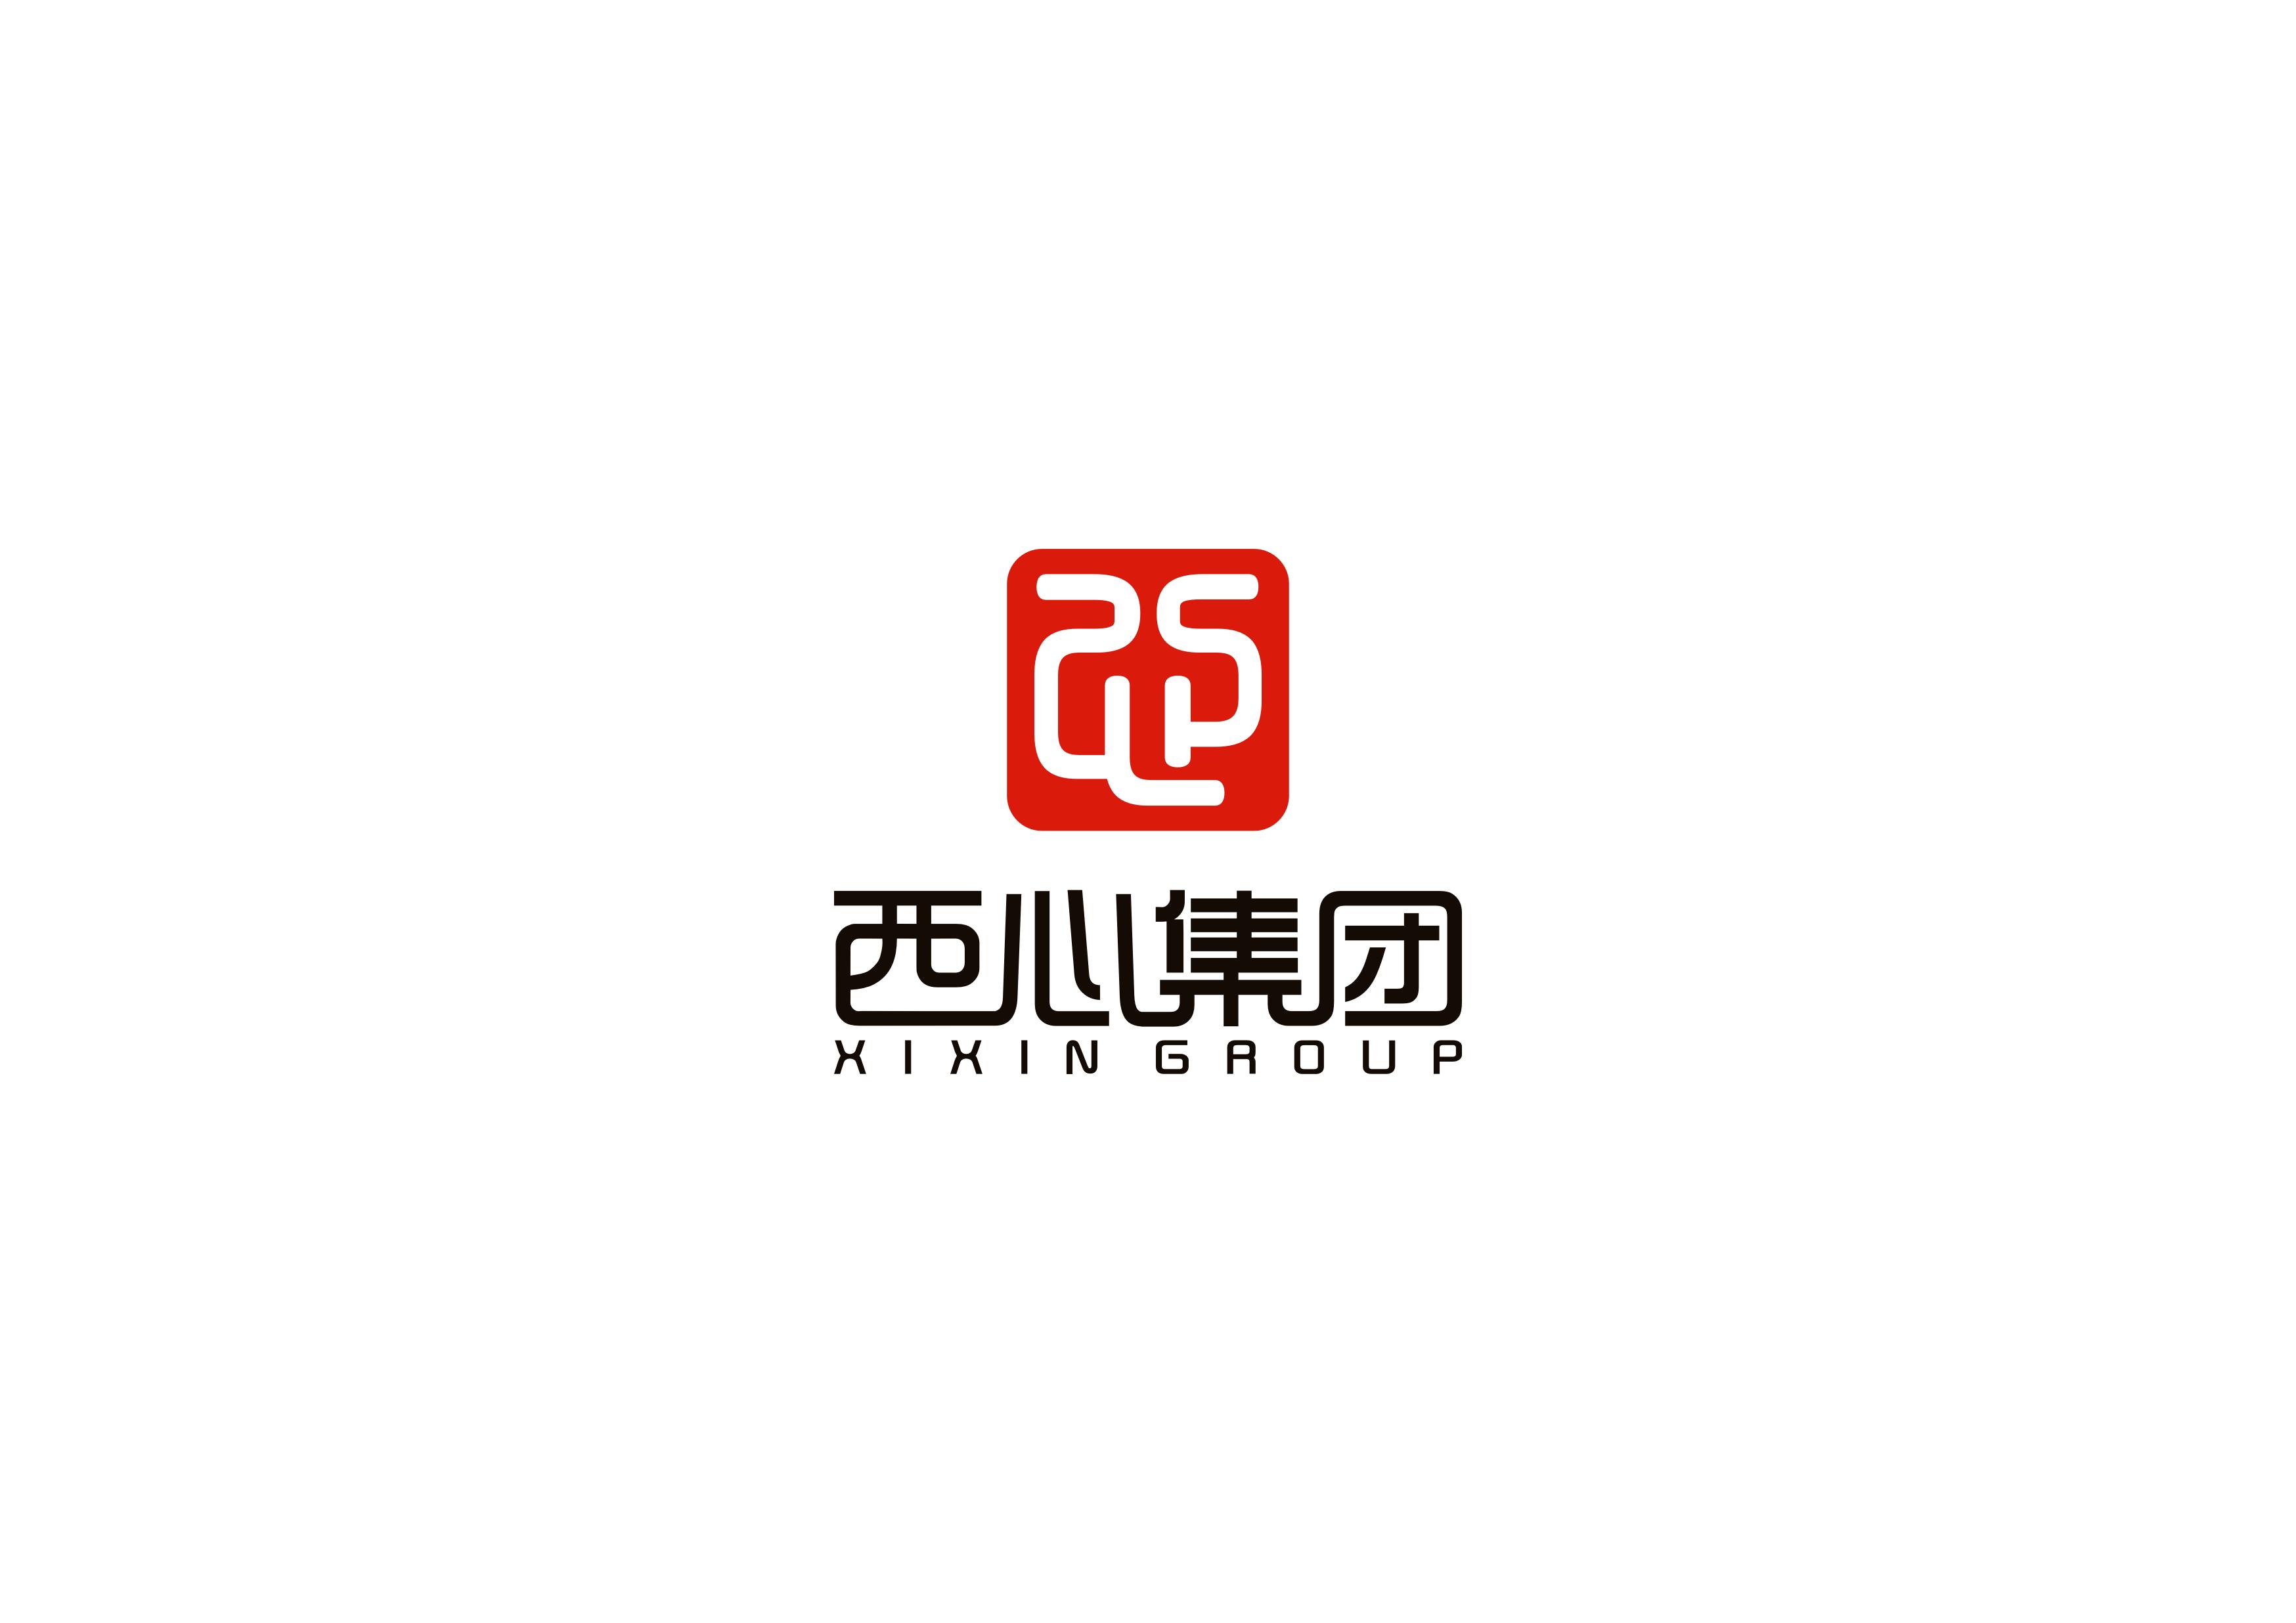 重庆西心助心教育科技有限公司+LOGO设计